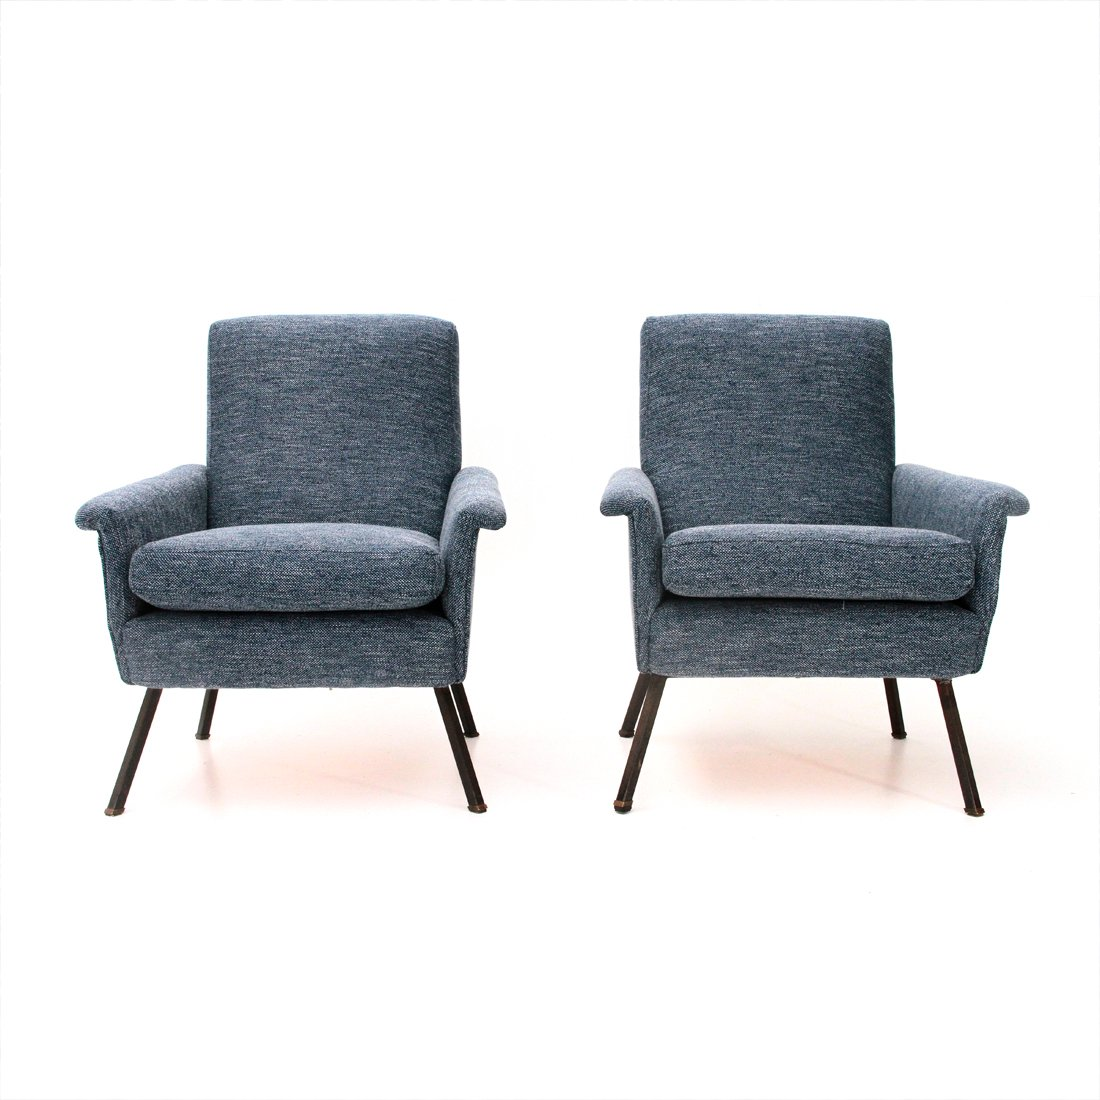 mid century sessel 1960er 2er set carmelo styling. Black Bedroom Furniture Sets. Home Design Ideas